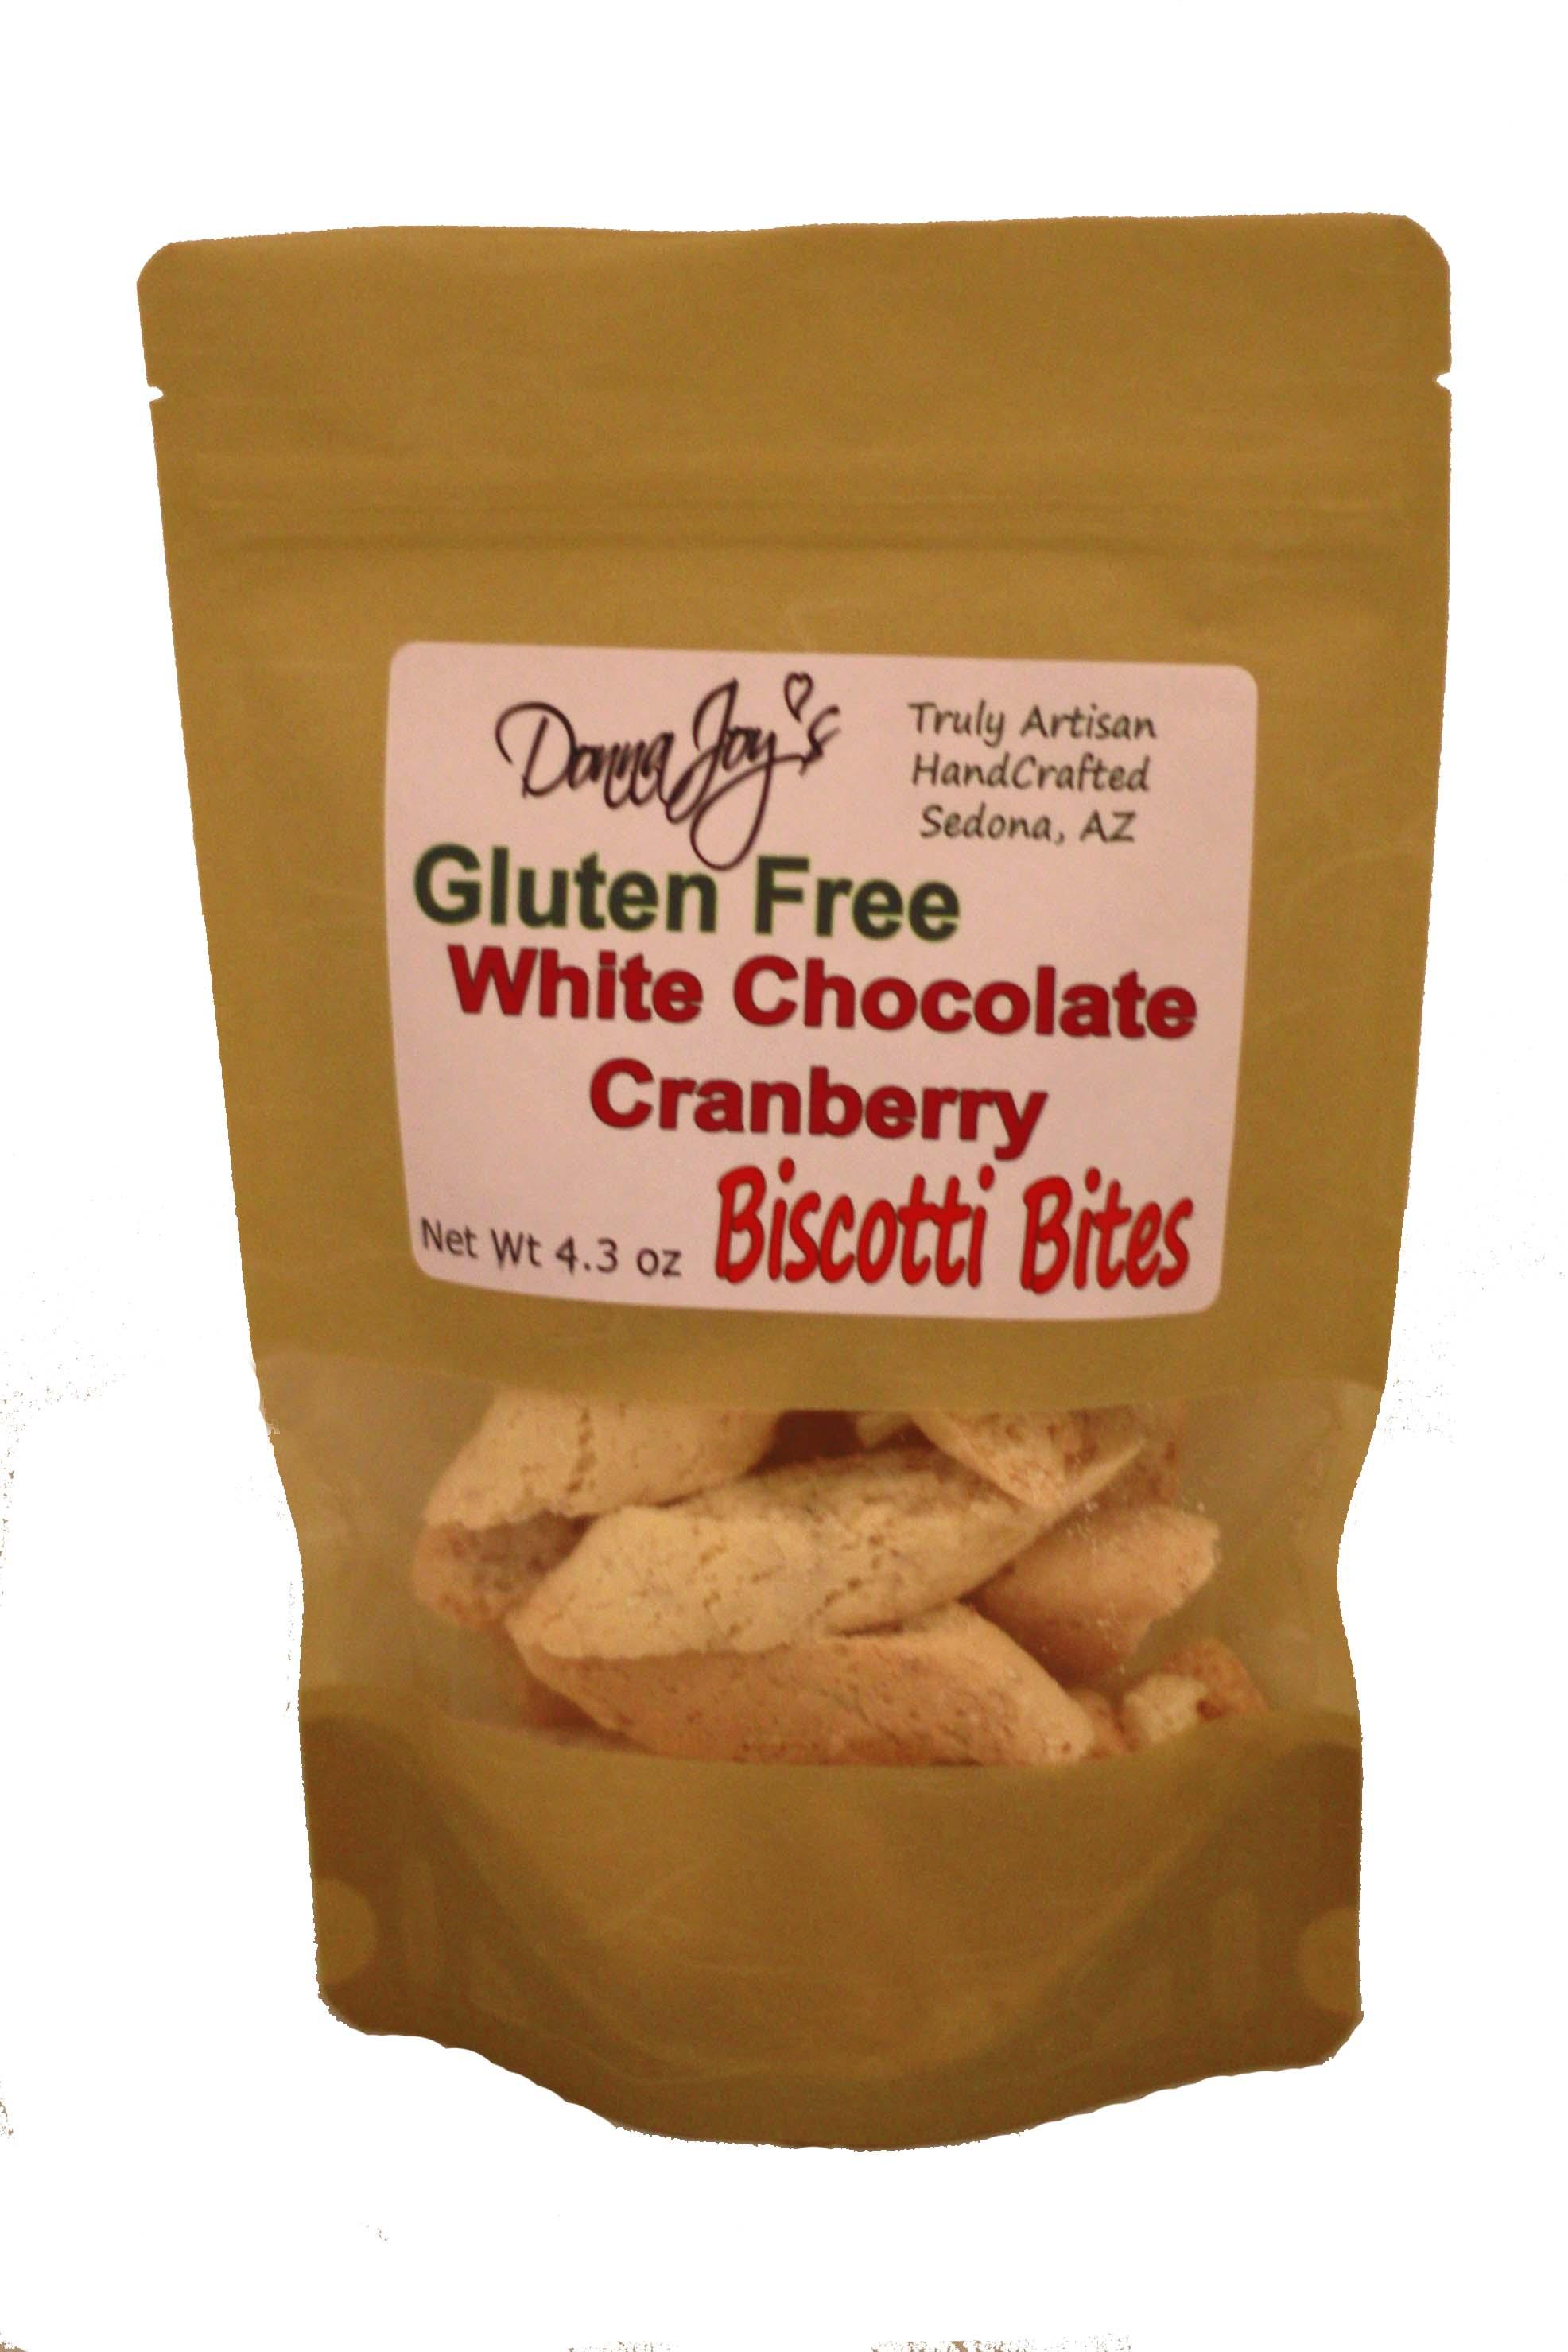 Donna Joy' s White Chocolate Cranberry Gluten Free Biscotti